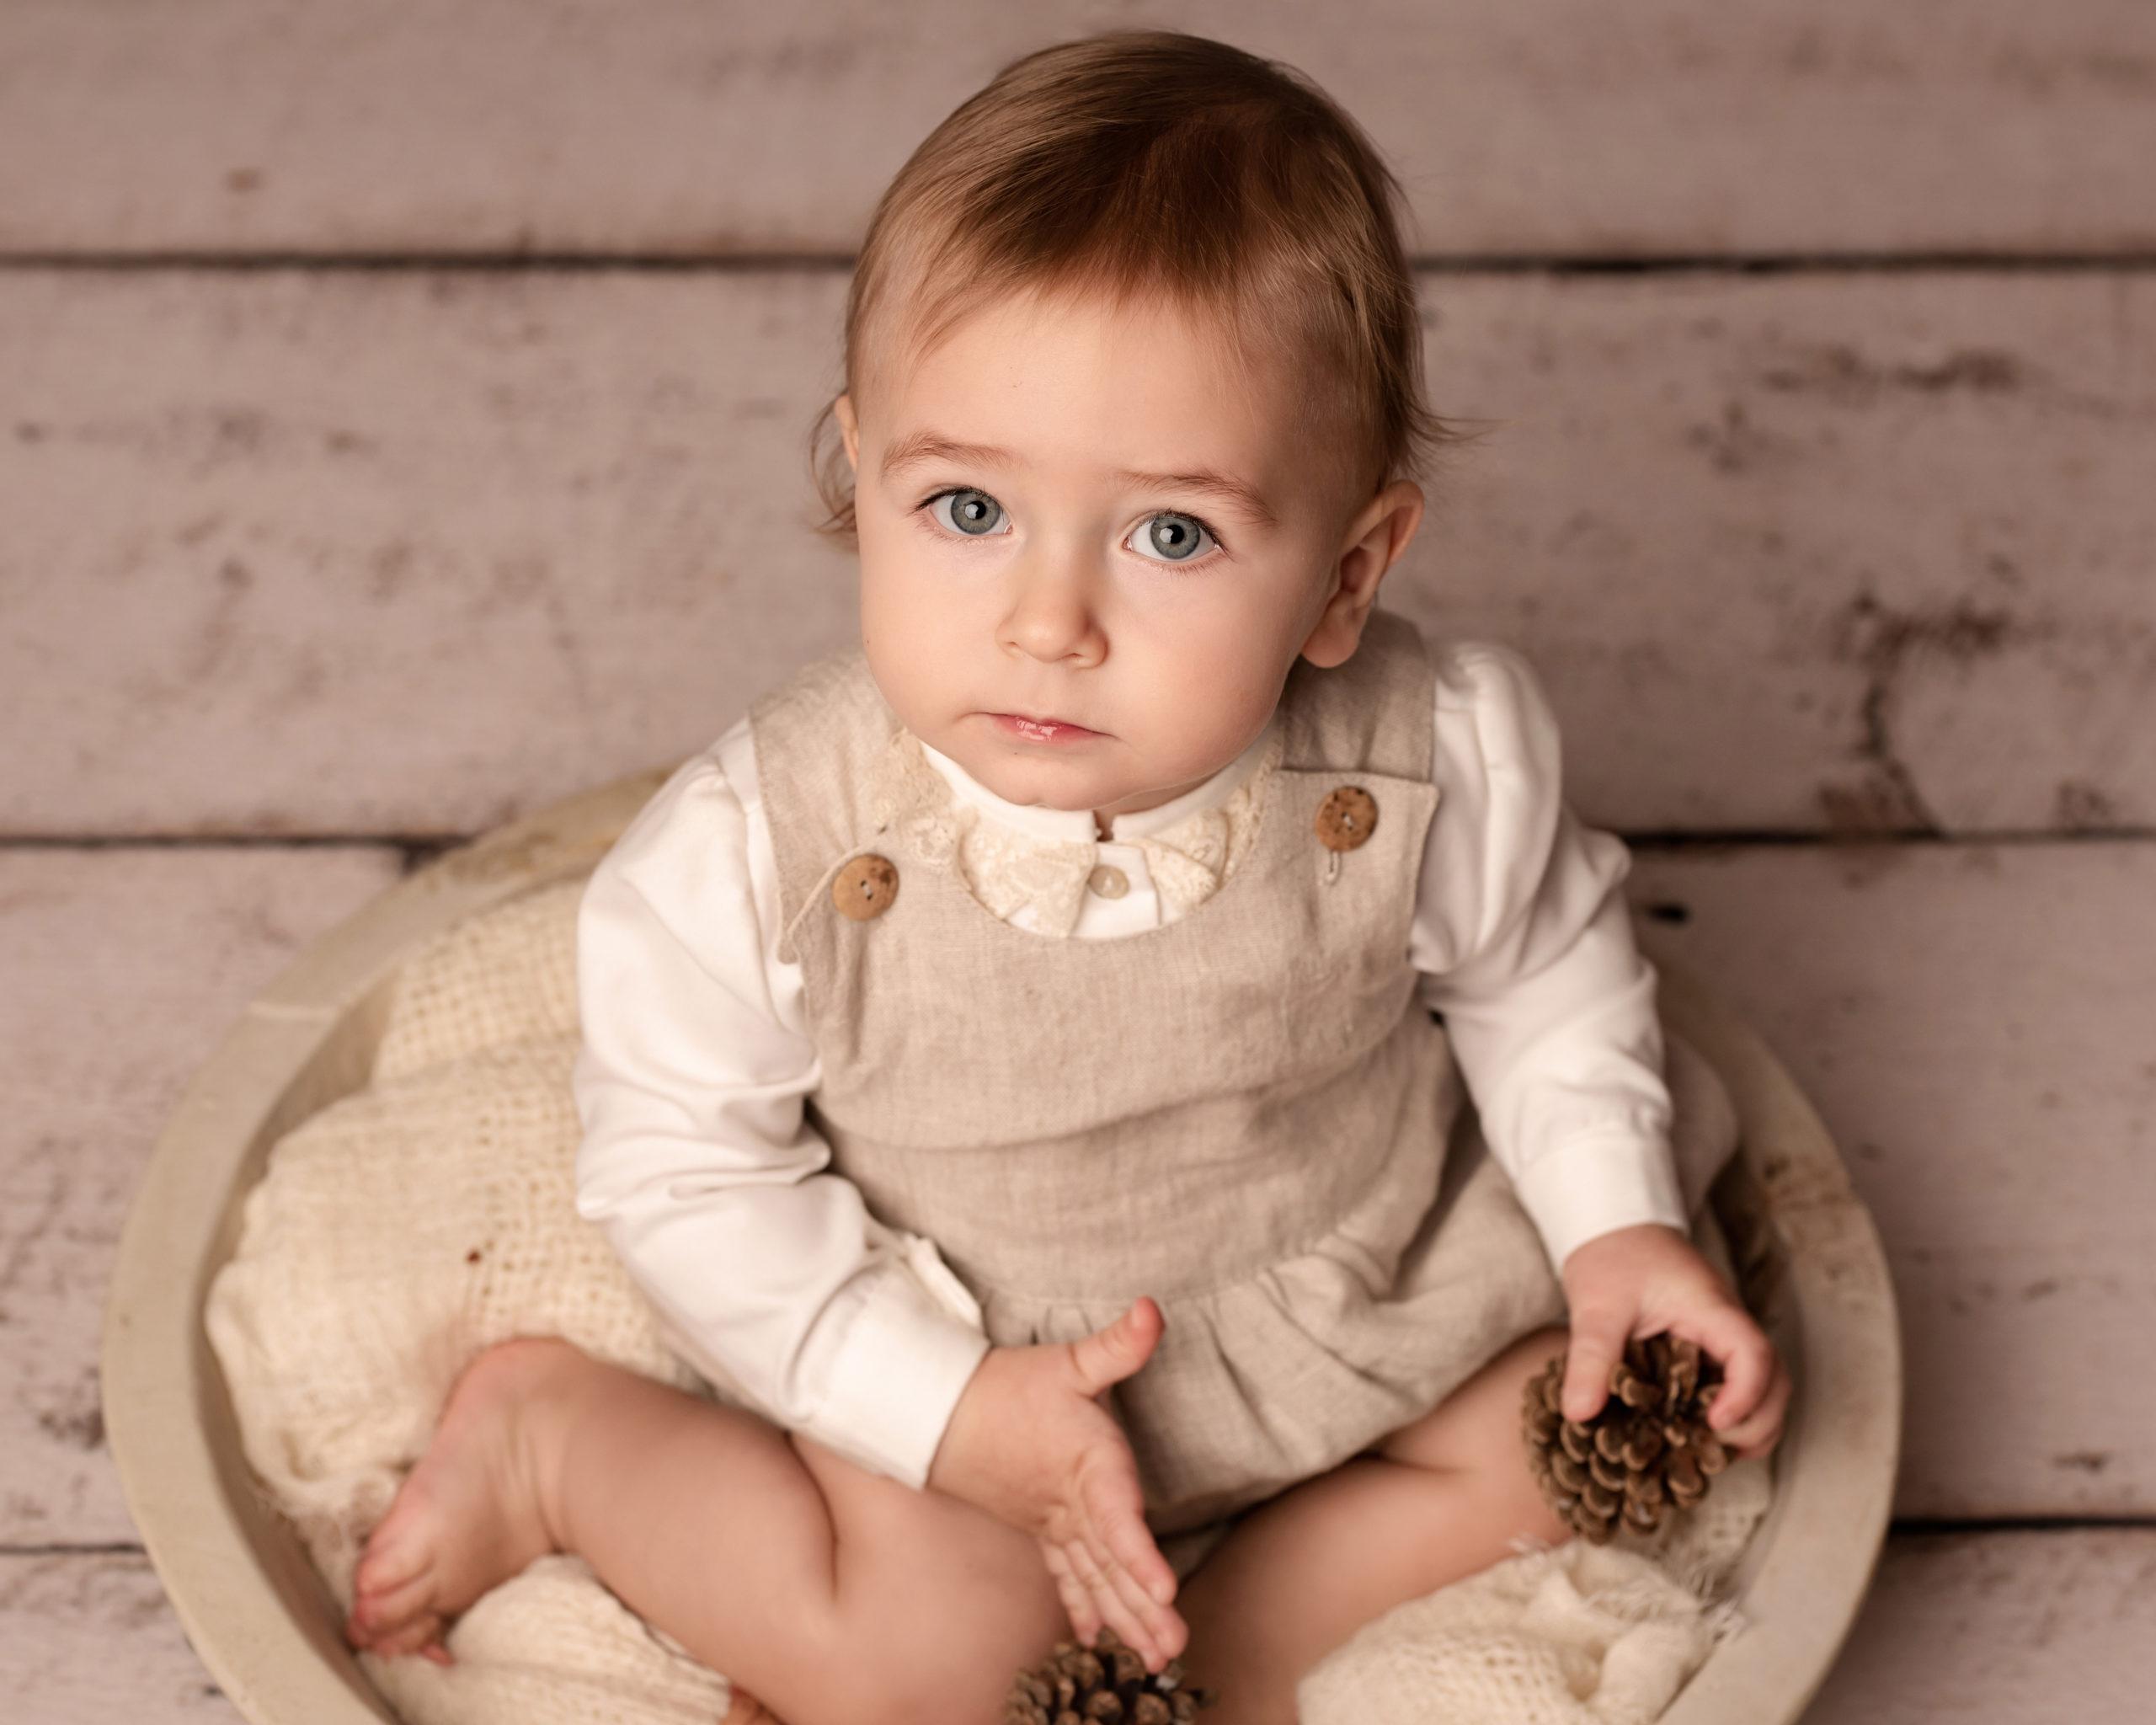 Belle photo bébé garçon en costume de Paqui Barroso faite à la main réalisée hors du shooting famille stylisée en studio photographie fine art à Bruxelles